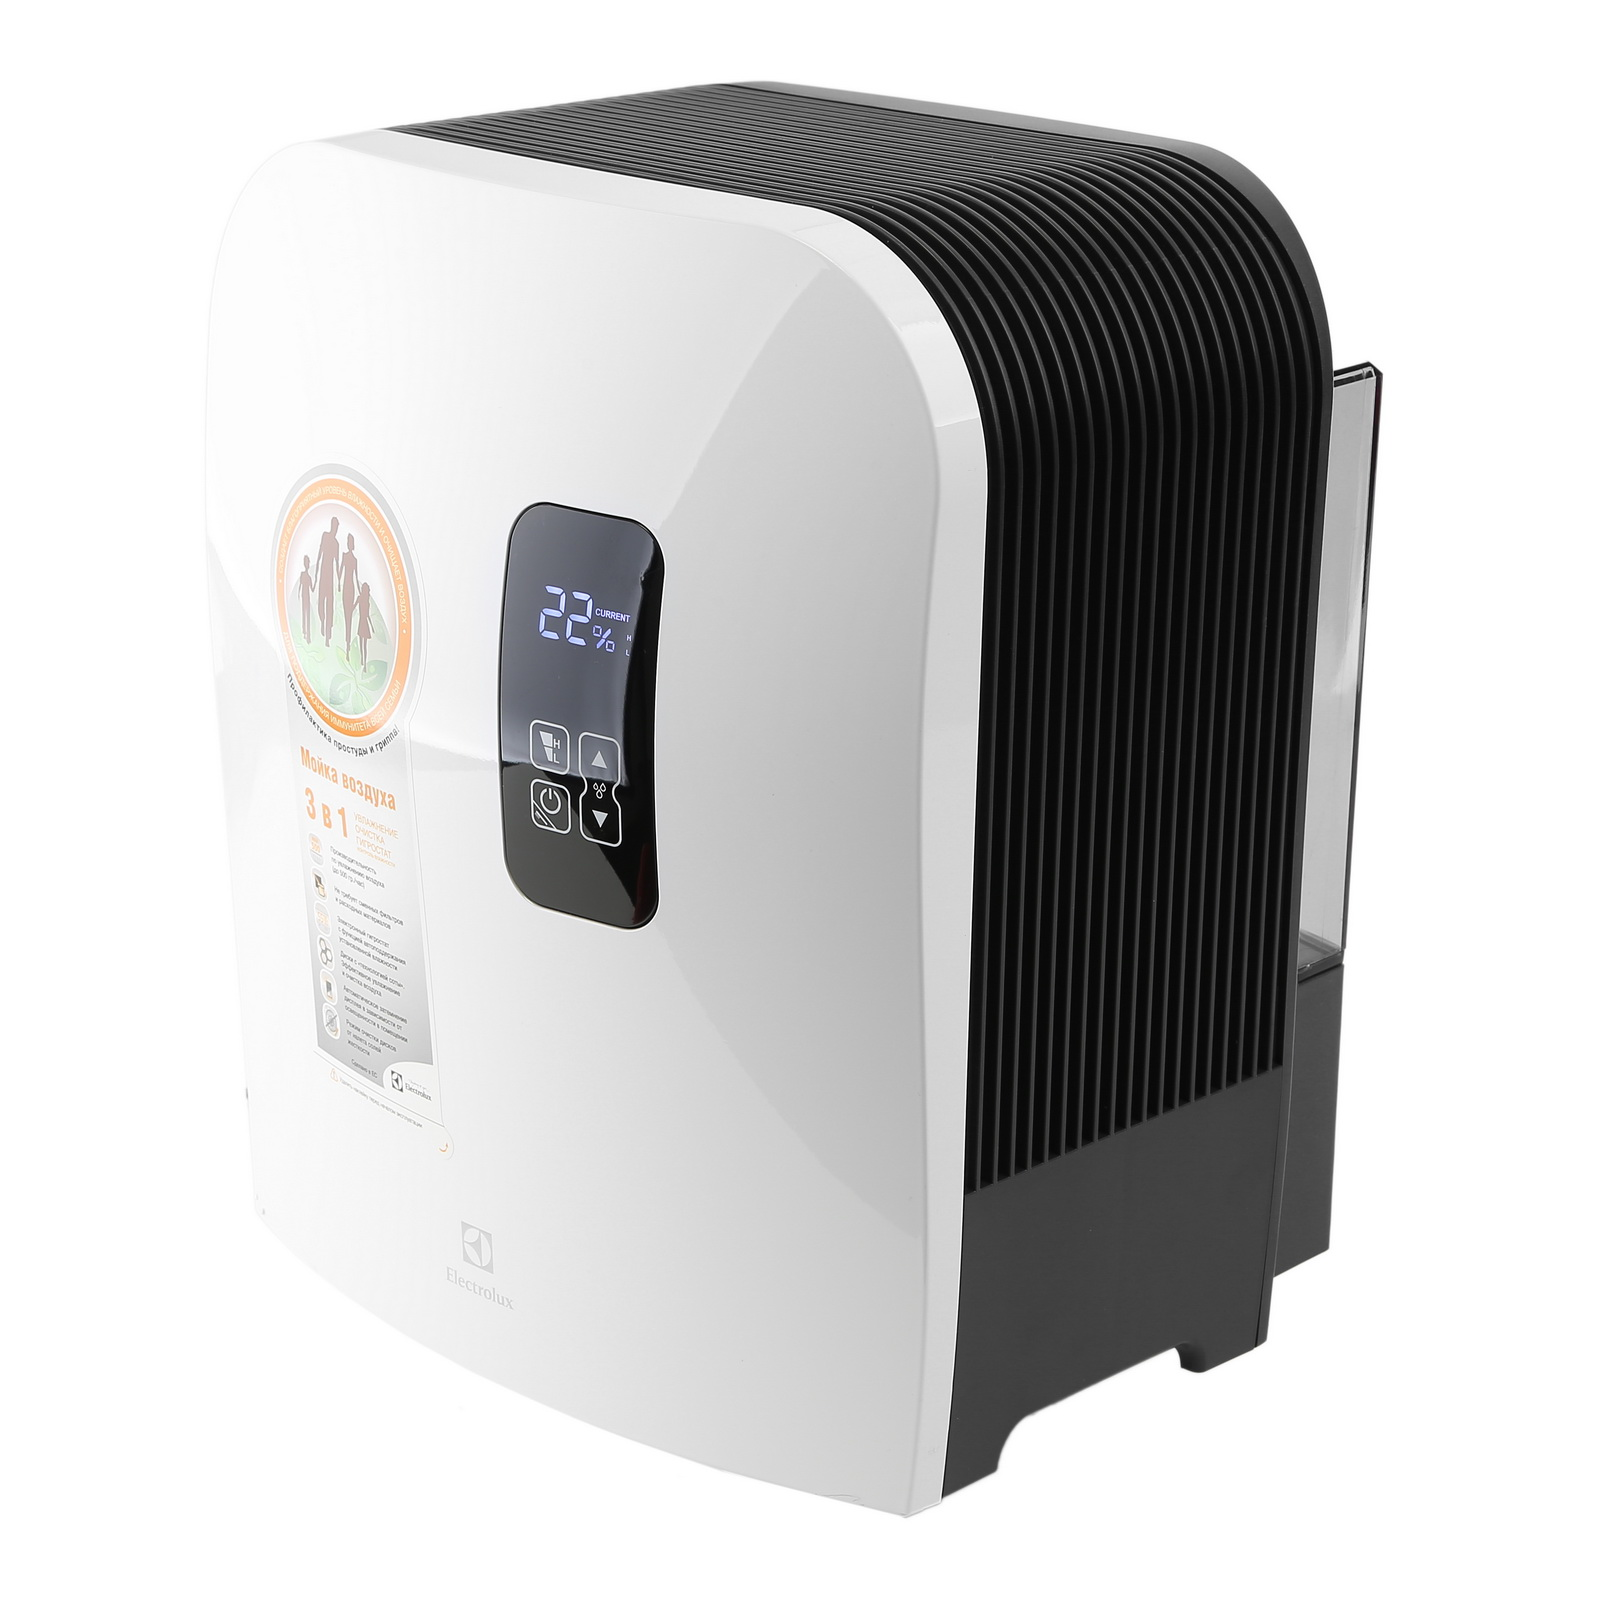 Мойка воздуха с ионизацией Electrolux Ehaw-7515d мойка воздуха